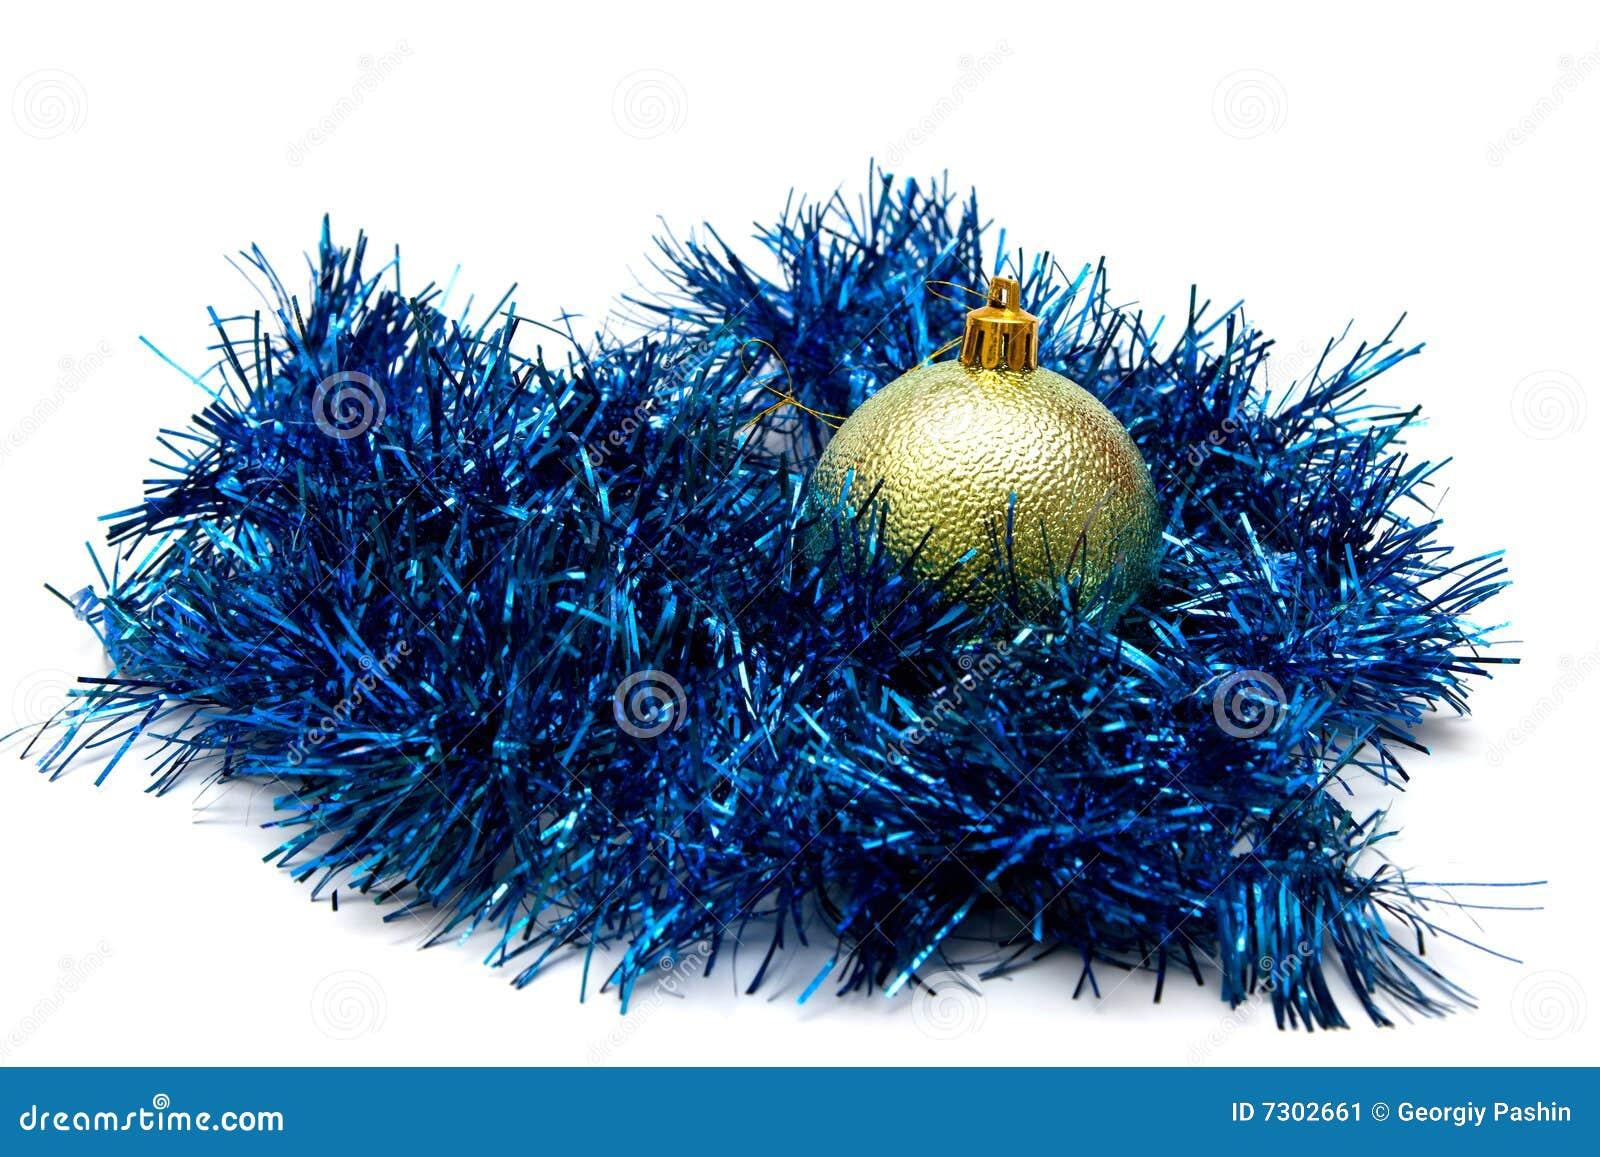 Christmas ball and tinsel stock image